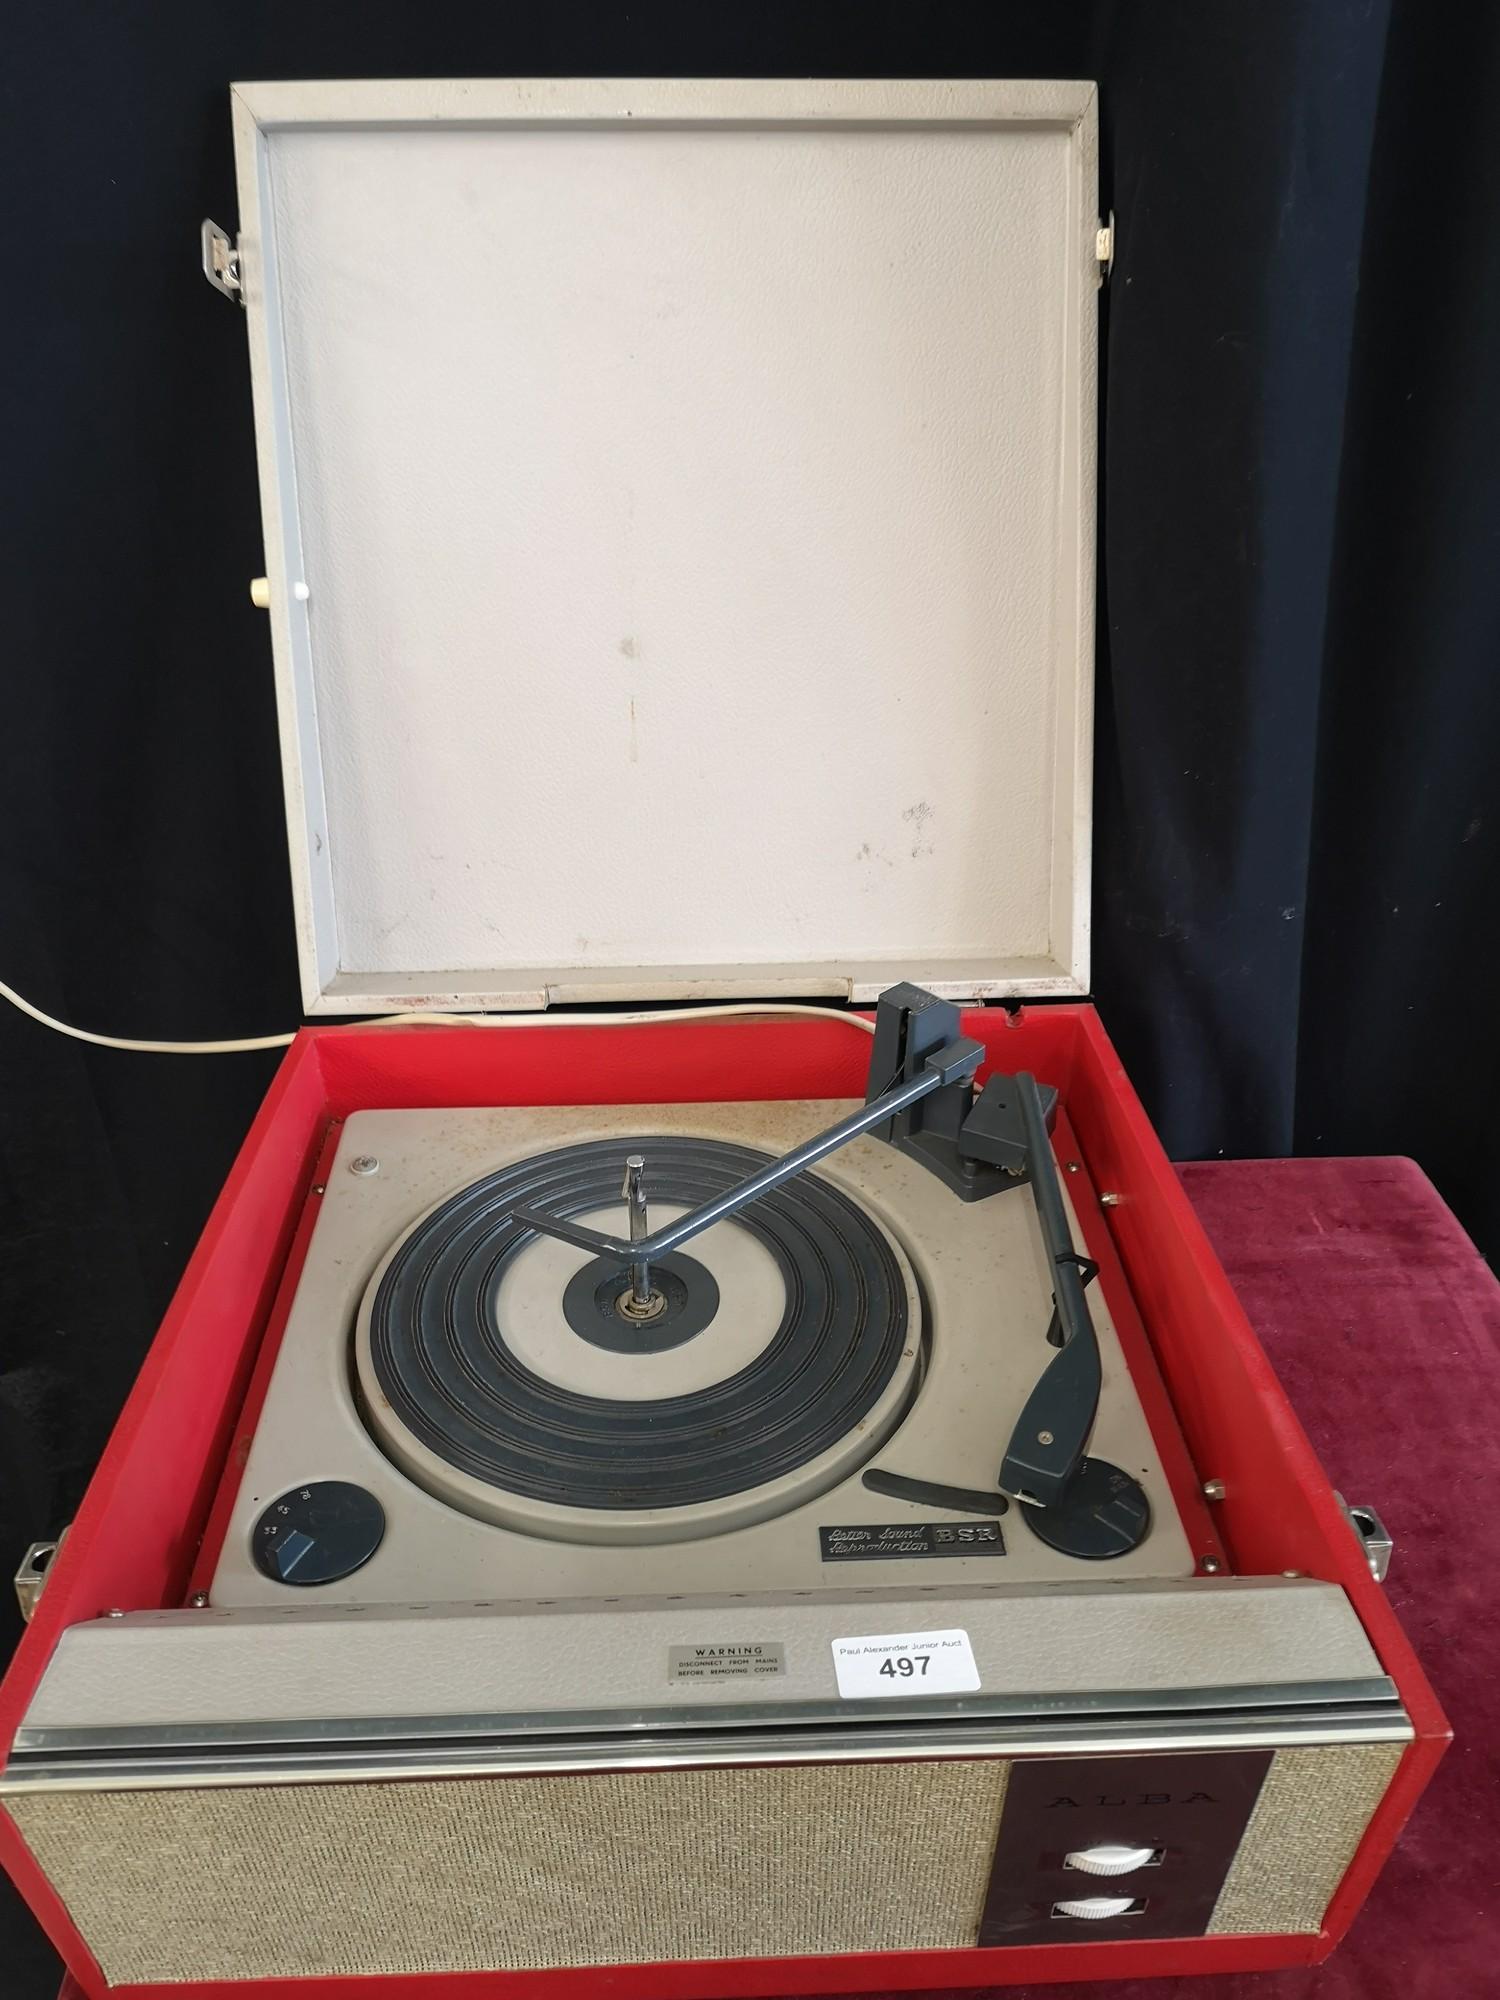 BSR vintage turntable. Turns on. - Image 2 of 2